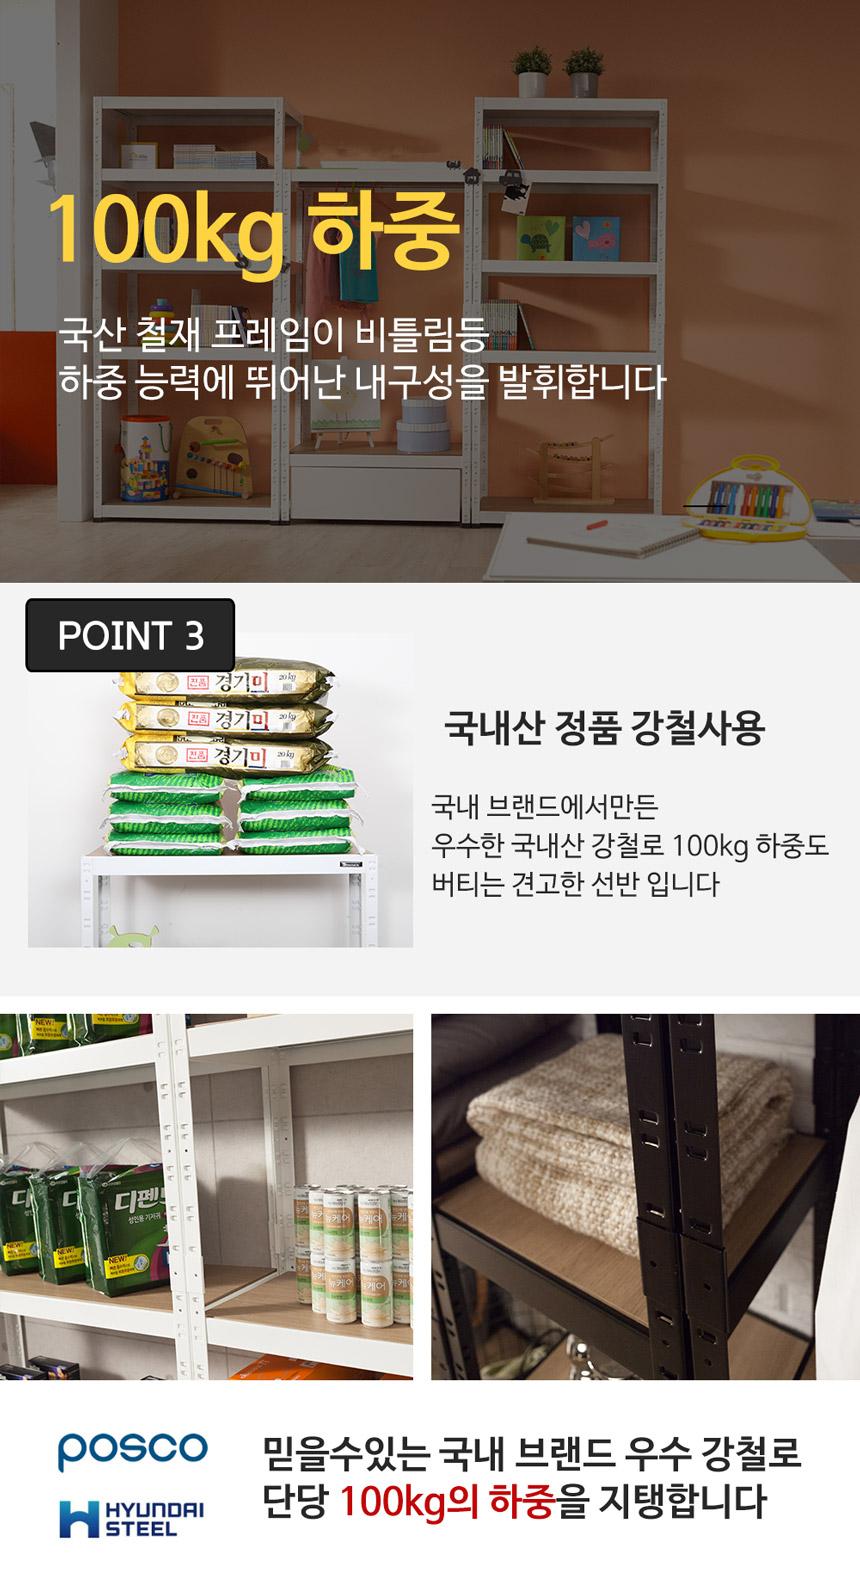 04_point3.jpg